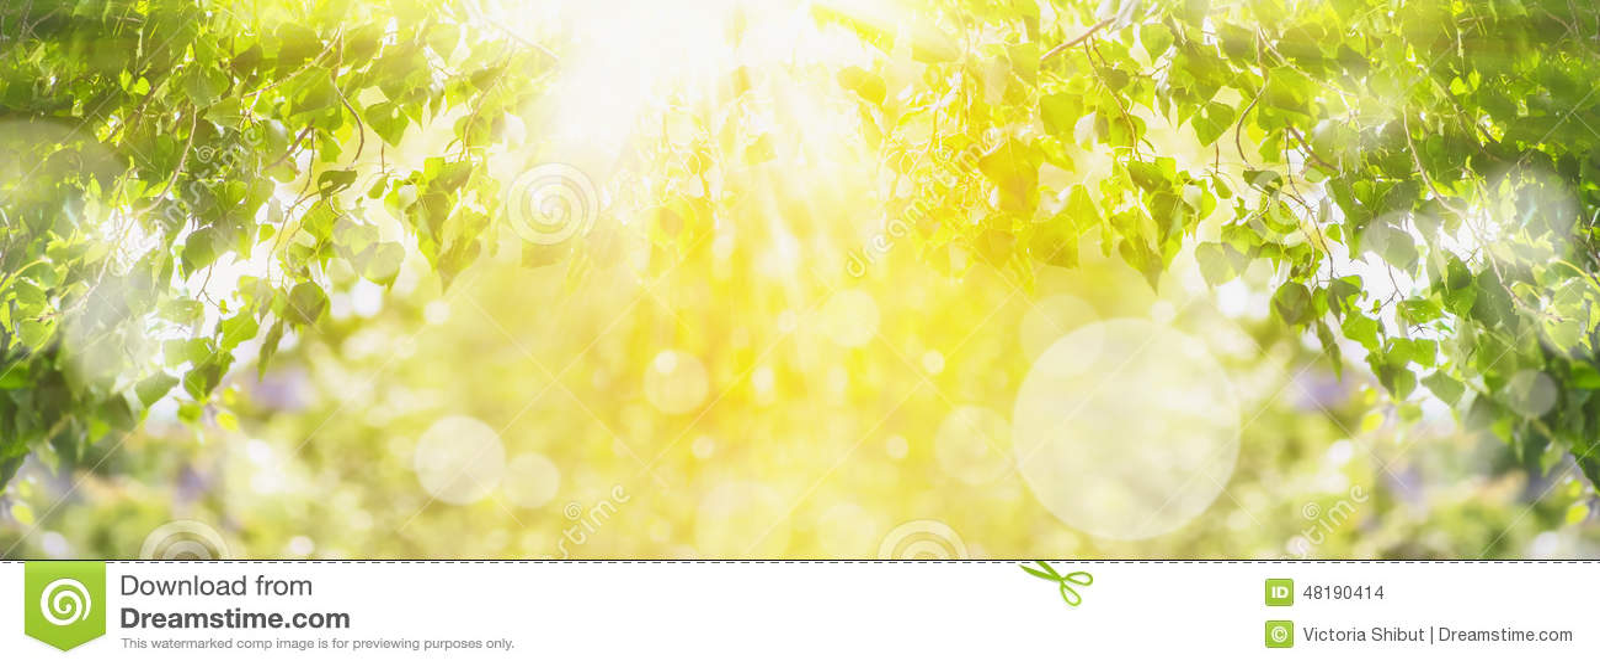 Предпосылка лета весны с зеленым деревом, солнечным светом и солнцем излучает